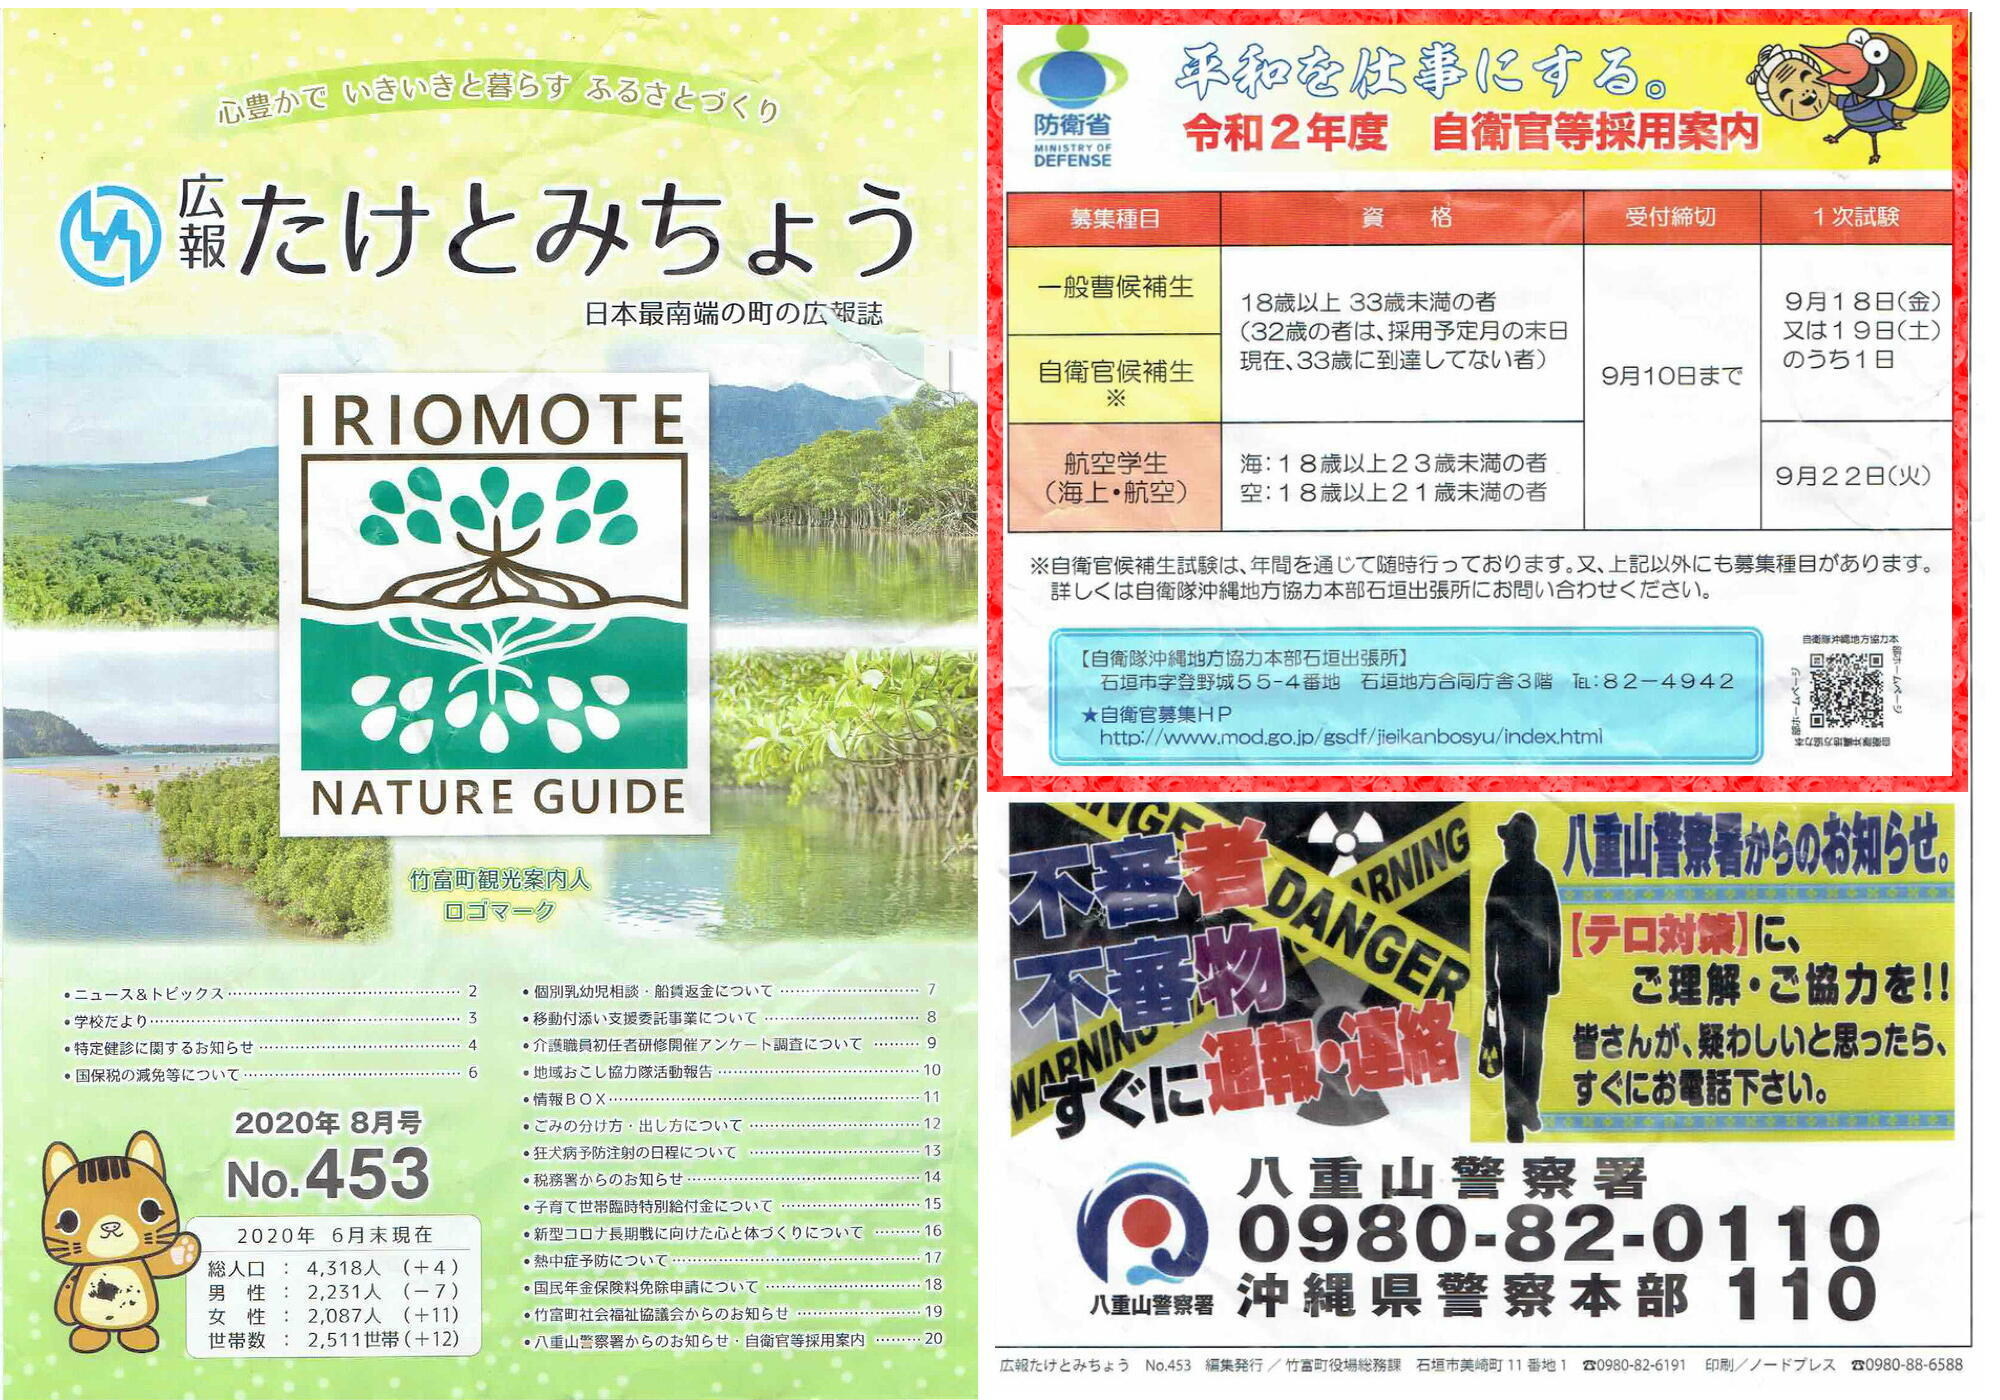 竹富町広報No453 2020年8月号